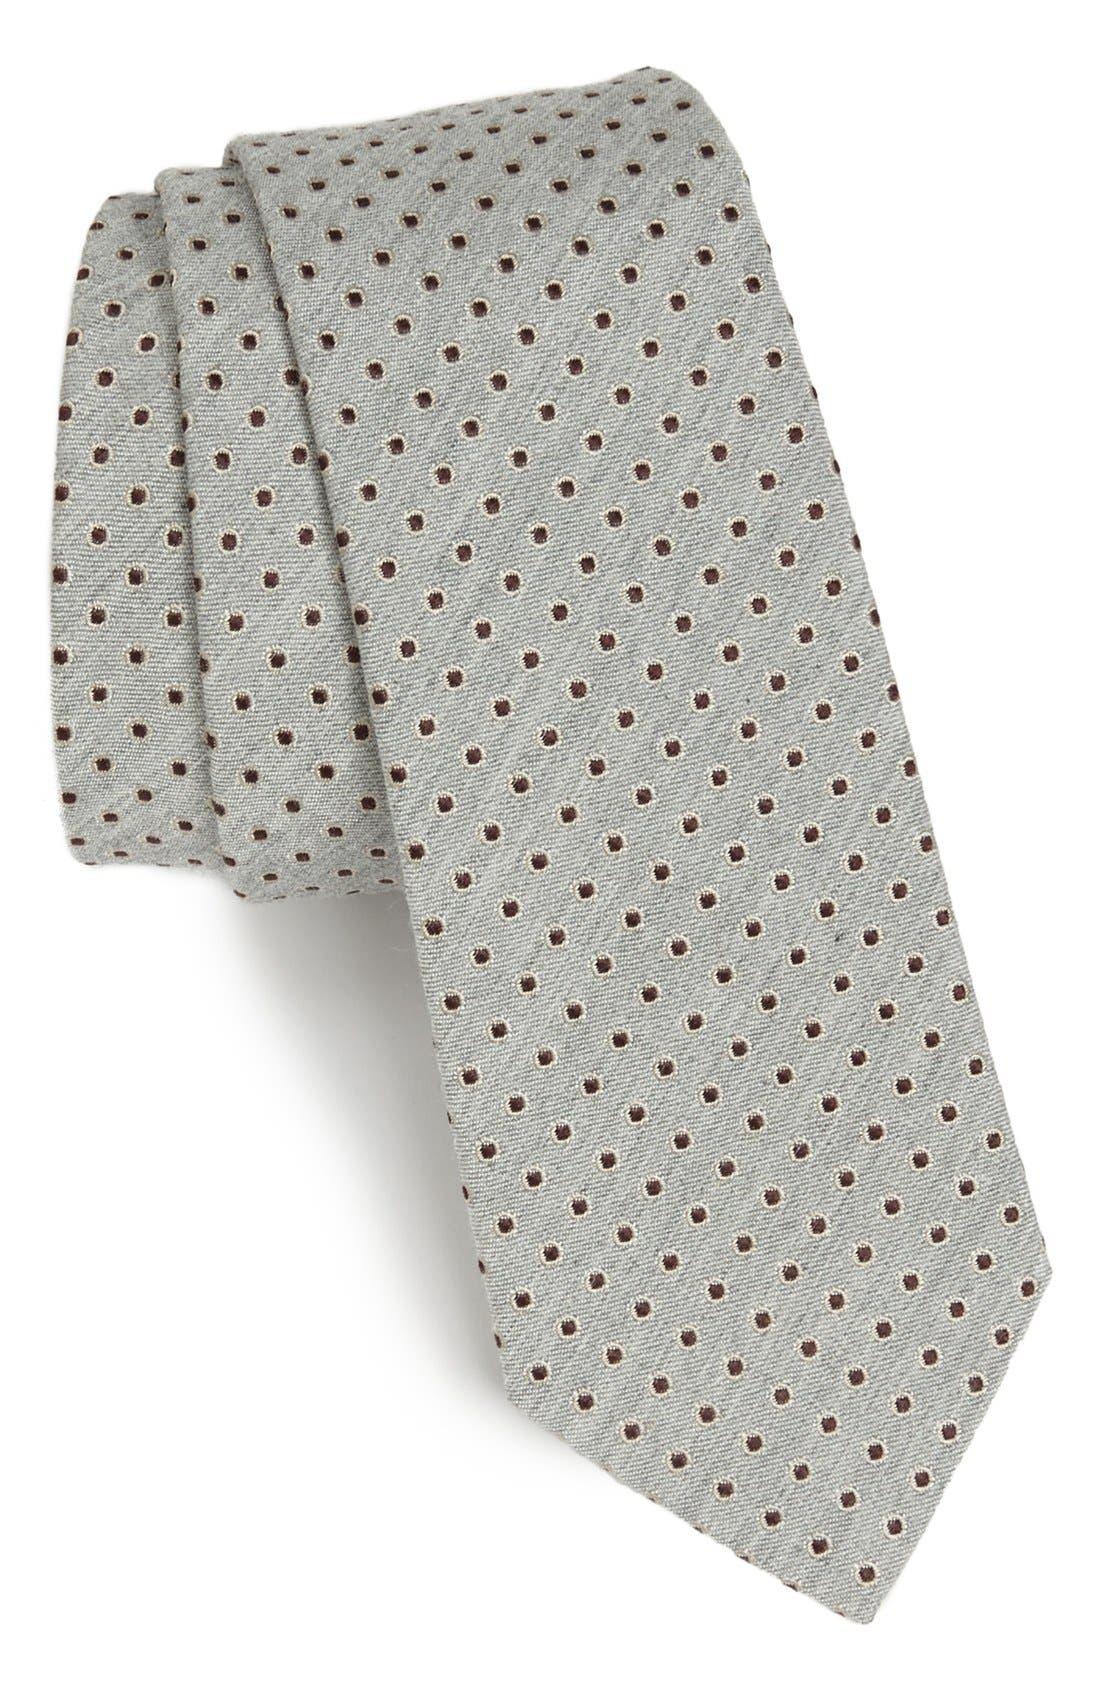 Main Image - Dolce&Gabbana Martini Weave Circle Dot Silk Tie